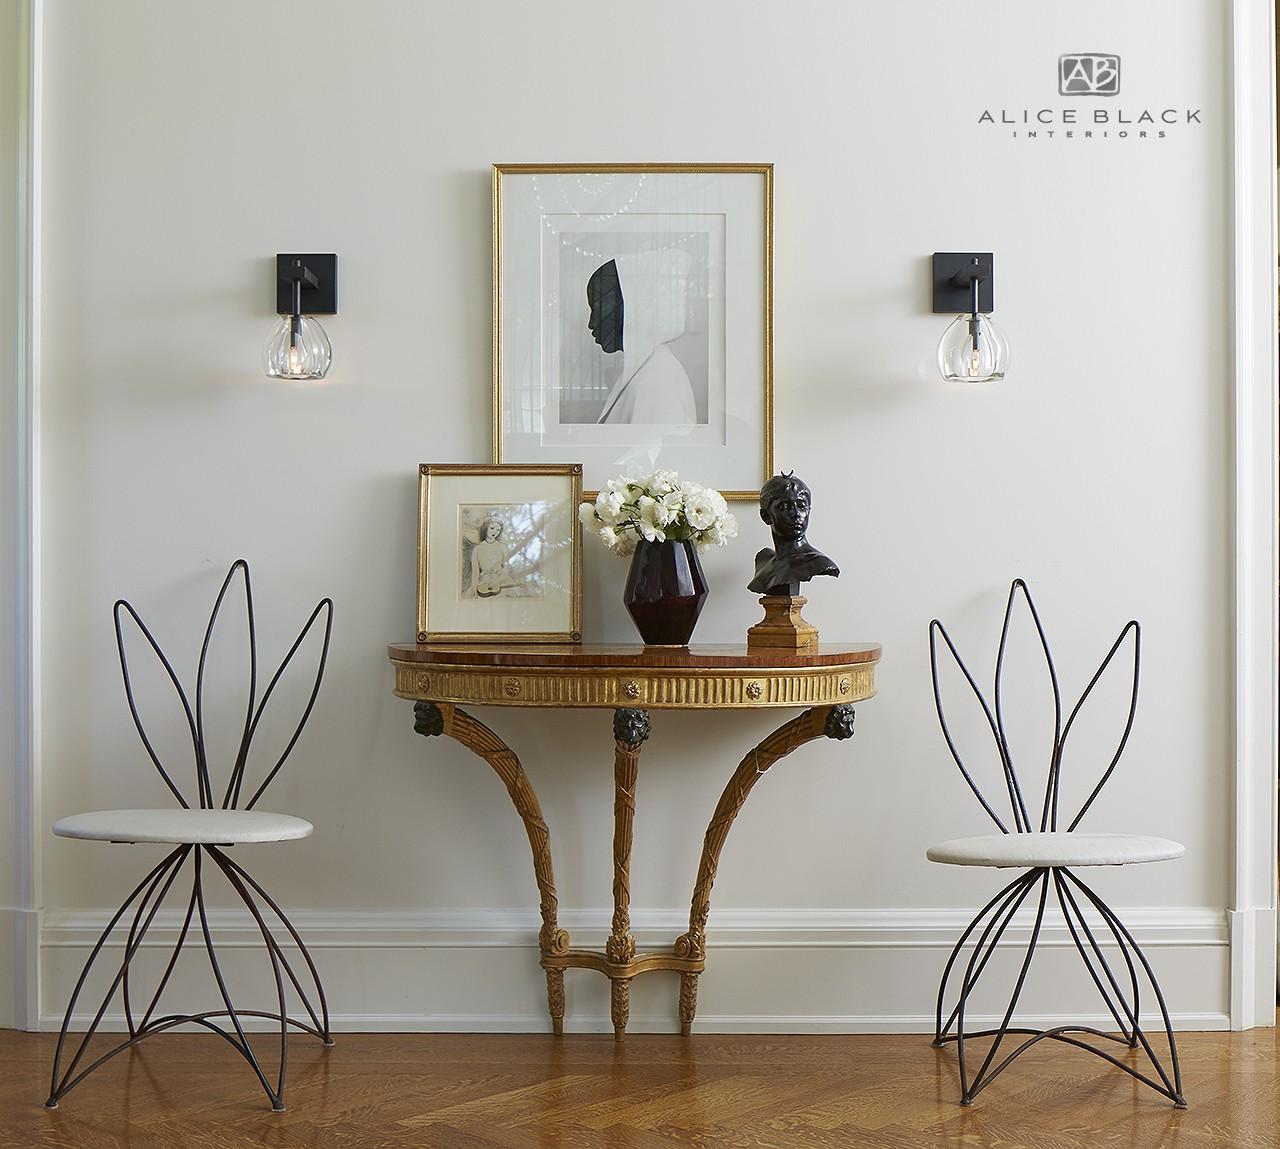 ... Palo Alto Interior Designer Alice Black